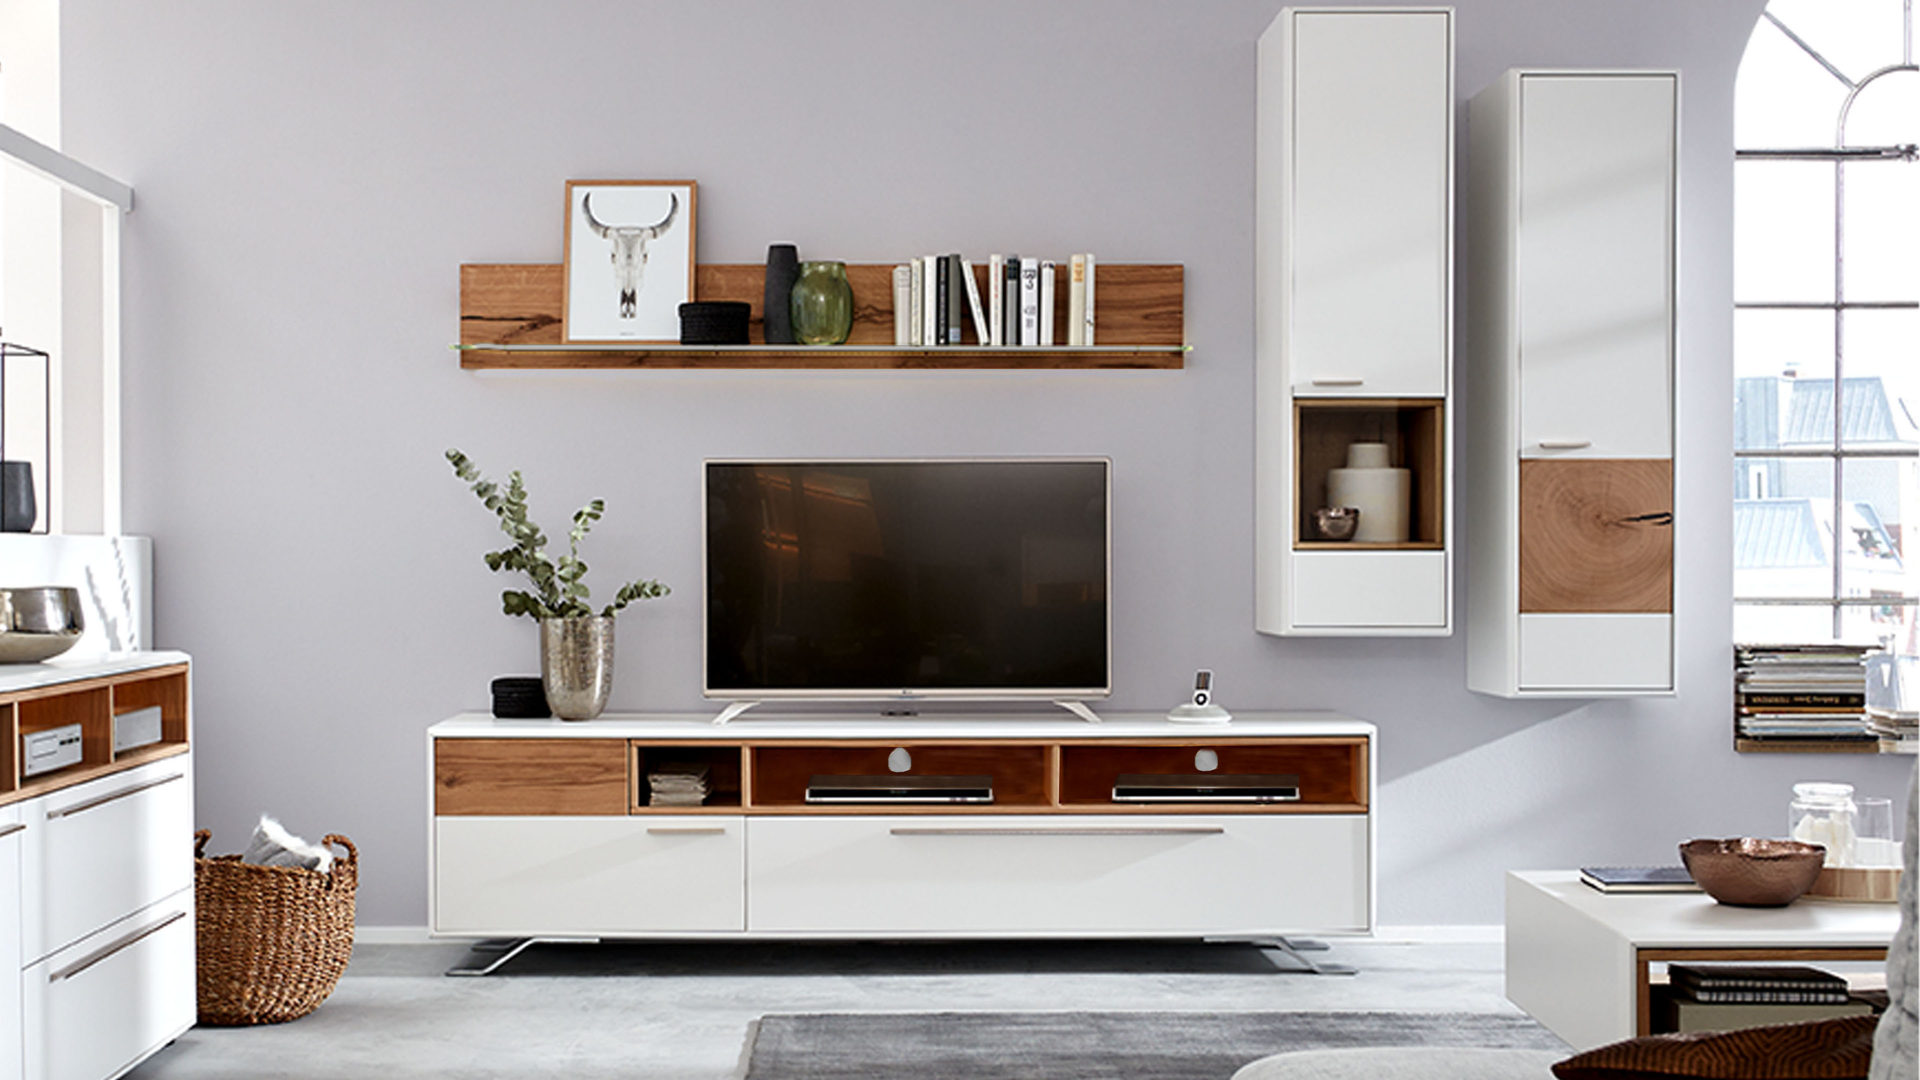 interliving wohnzimmer serie 2102 wohnkombination 510802m